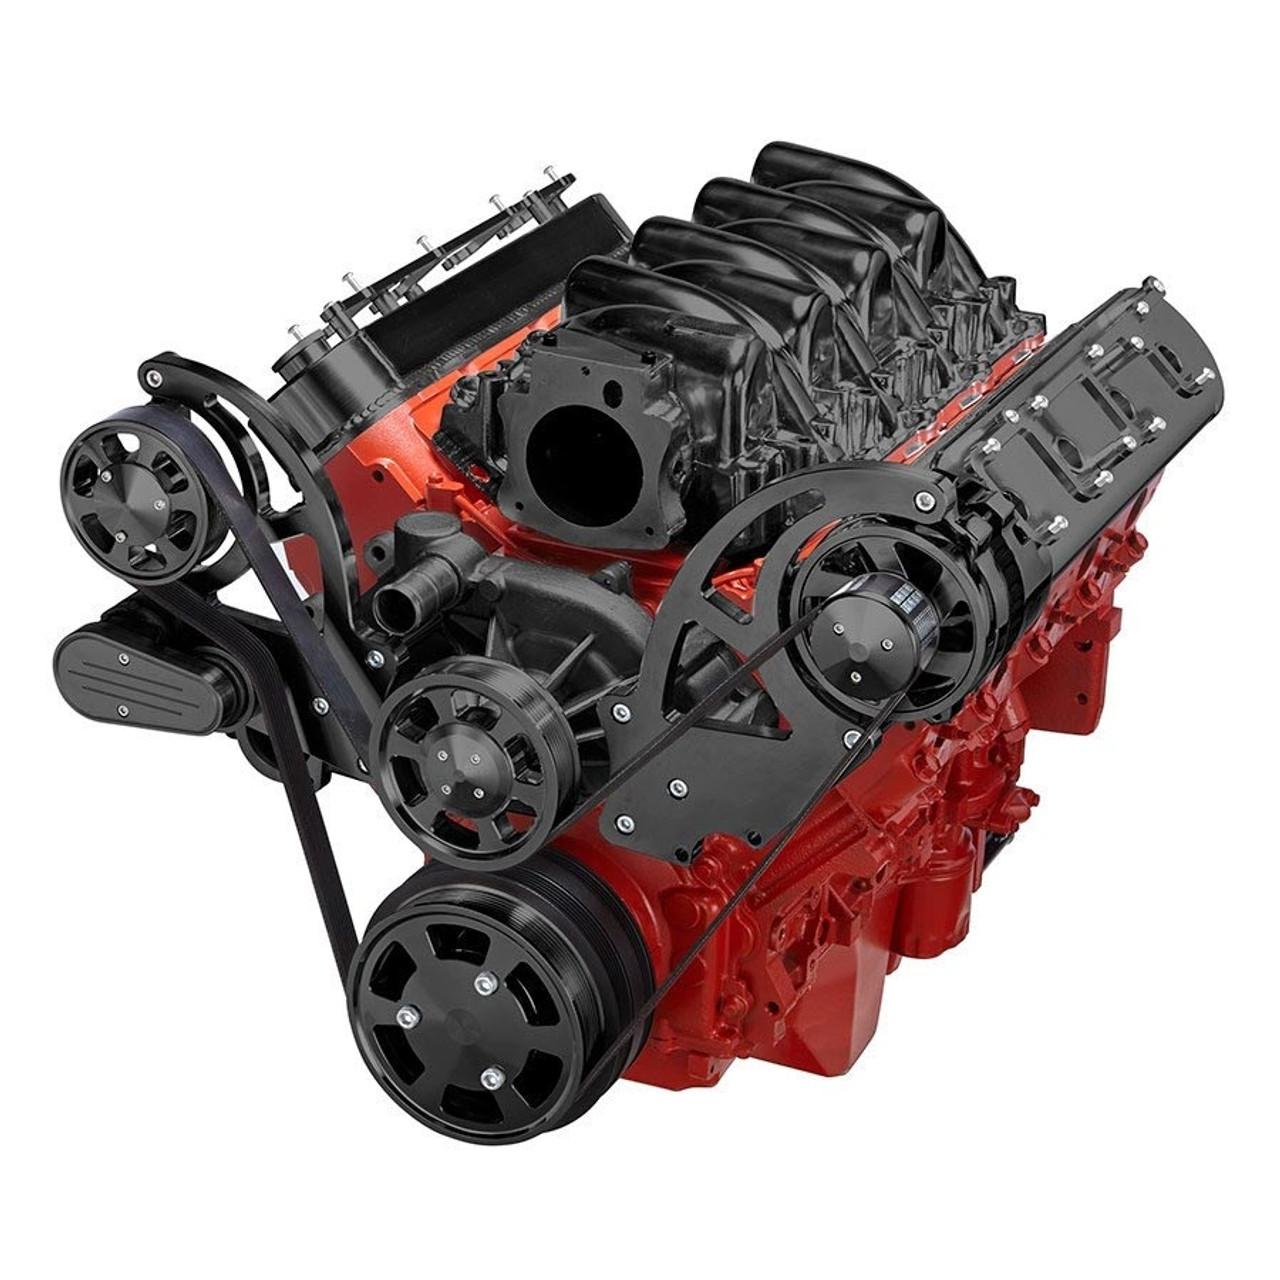 black chevy ls engine serpentine conversion kit alternator only 3 wire alternator wiring ls7 alternator wiring [ 900 x 900 Pixel ]